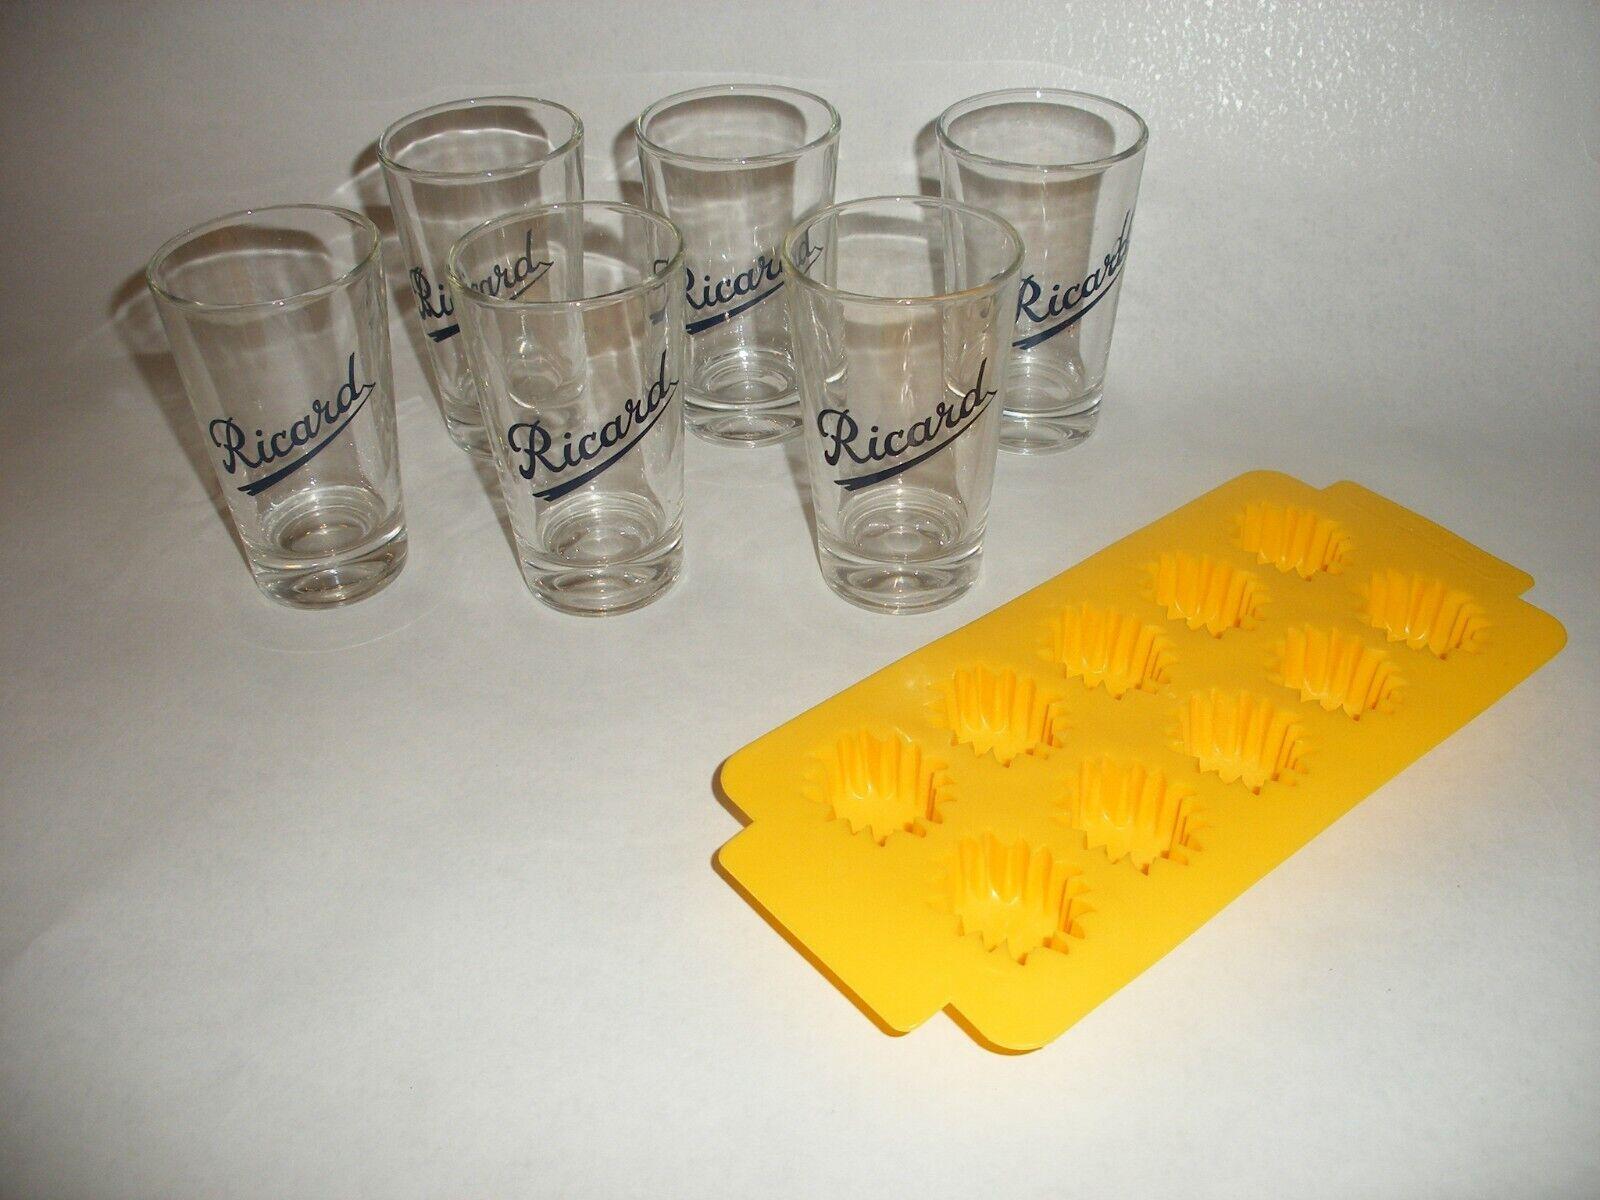 N°1 lot de 6 verres ricard + 1 bac à glaçons neuf de stock